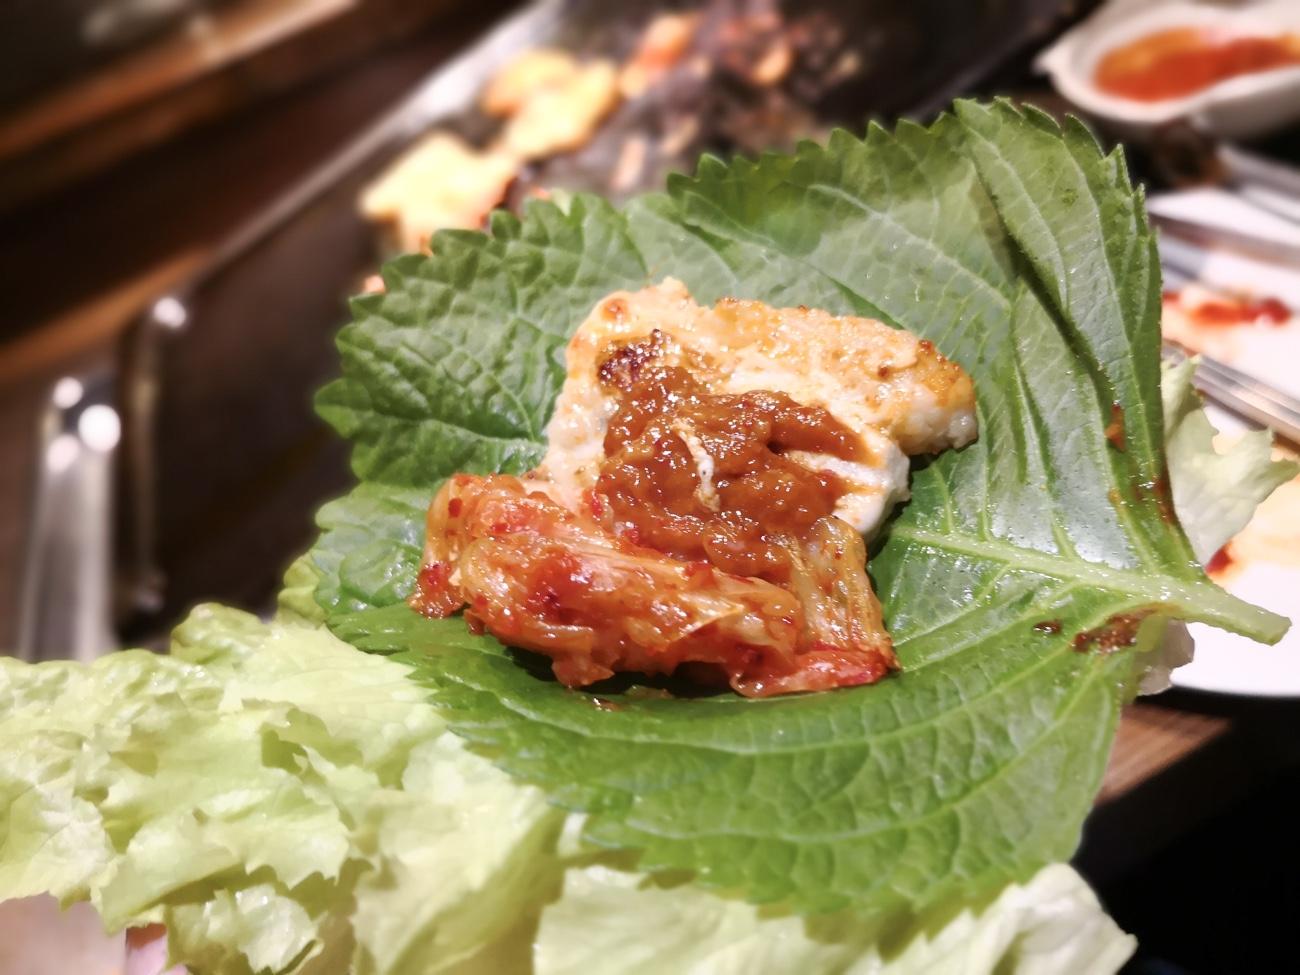 味付けサムギョプサルの肉とエゴマ プングム